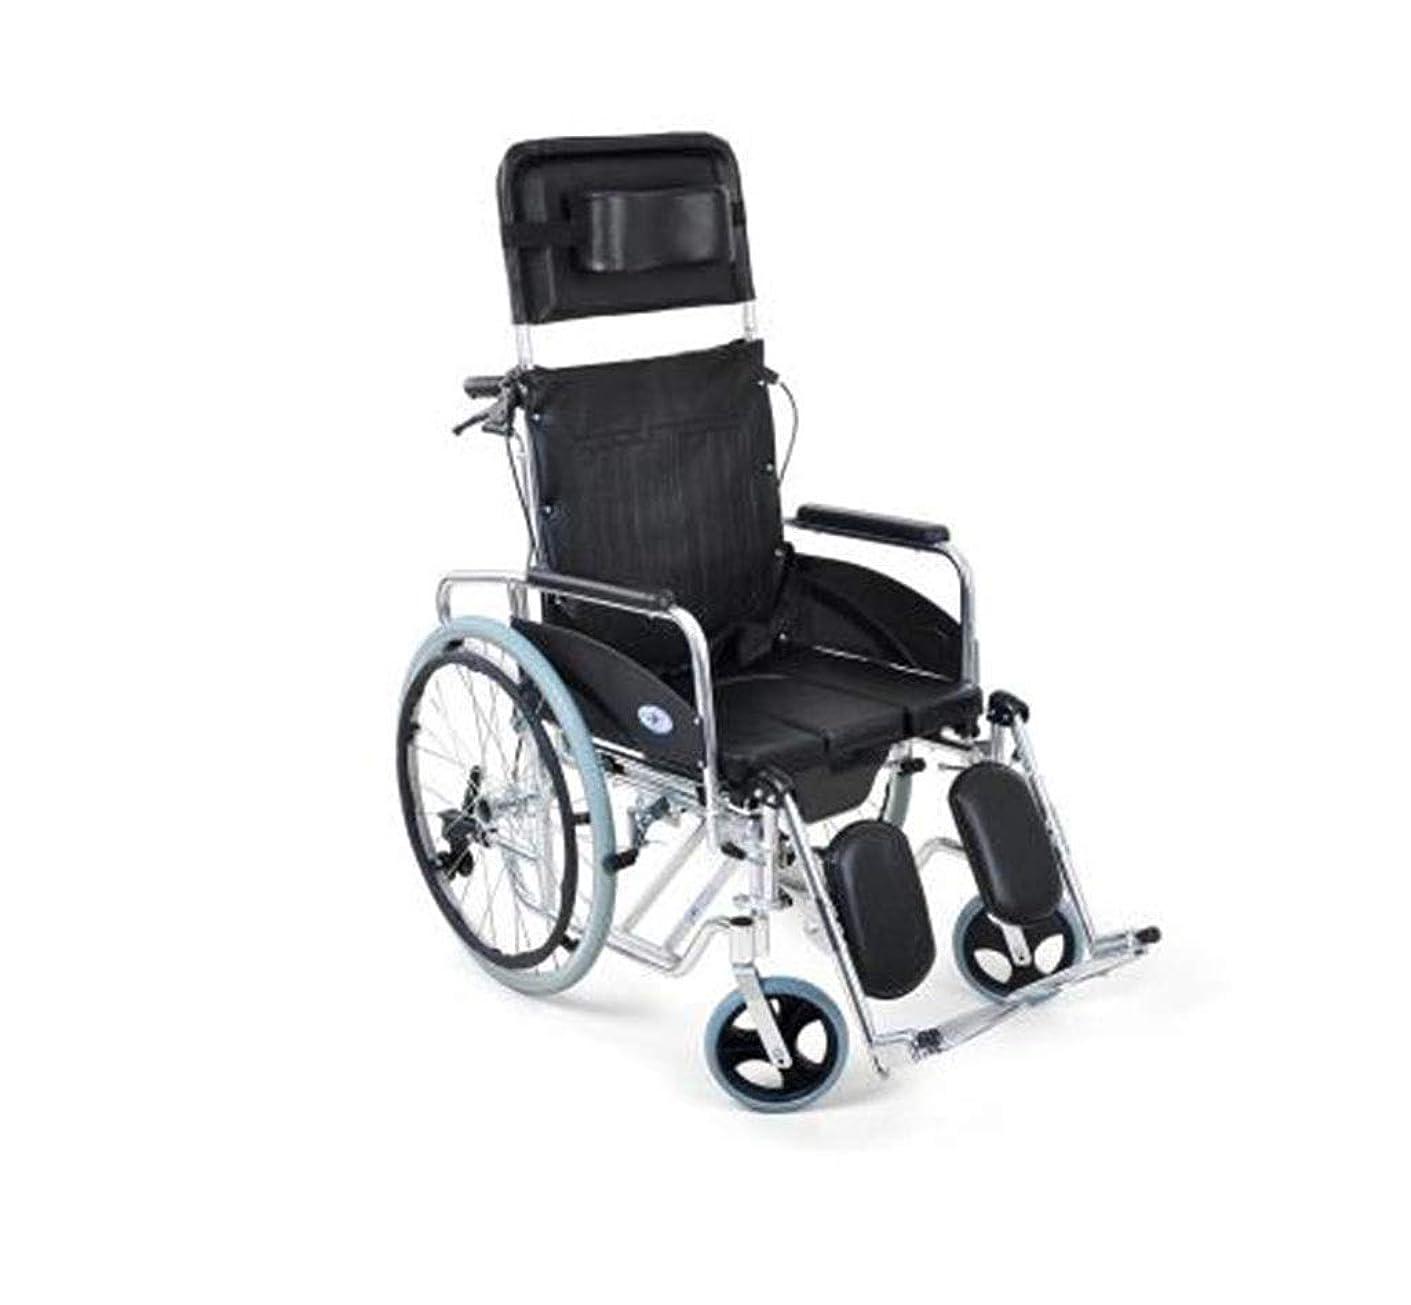 好奇心バズ置き場手動車椅子アルミ合金ライトチェア、ハイバックフルリクライニング高齢者車椅子、老人屋外ヘルパー